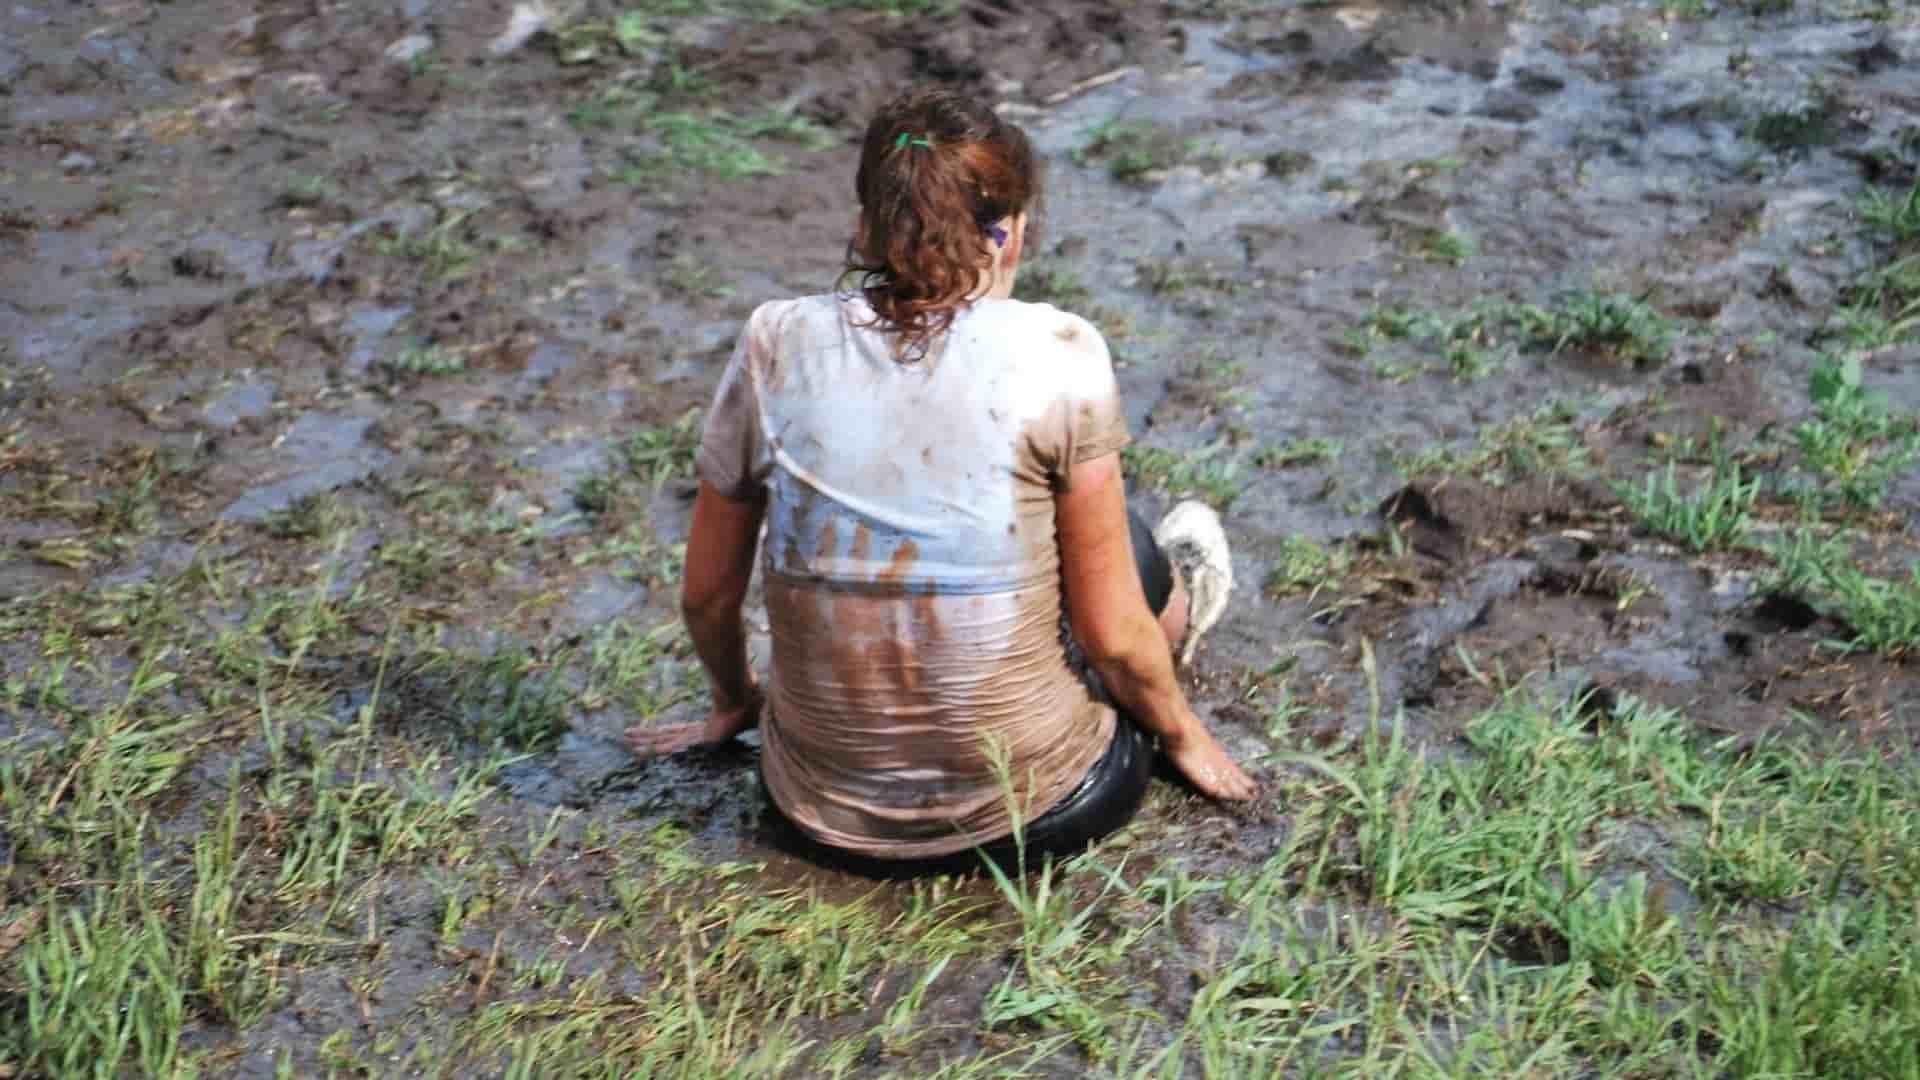 Mud sliding in rainy day